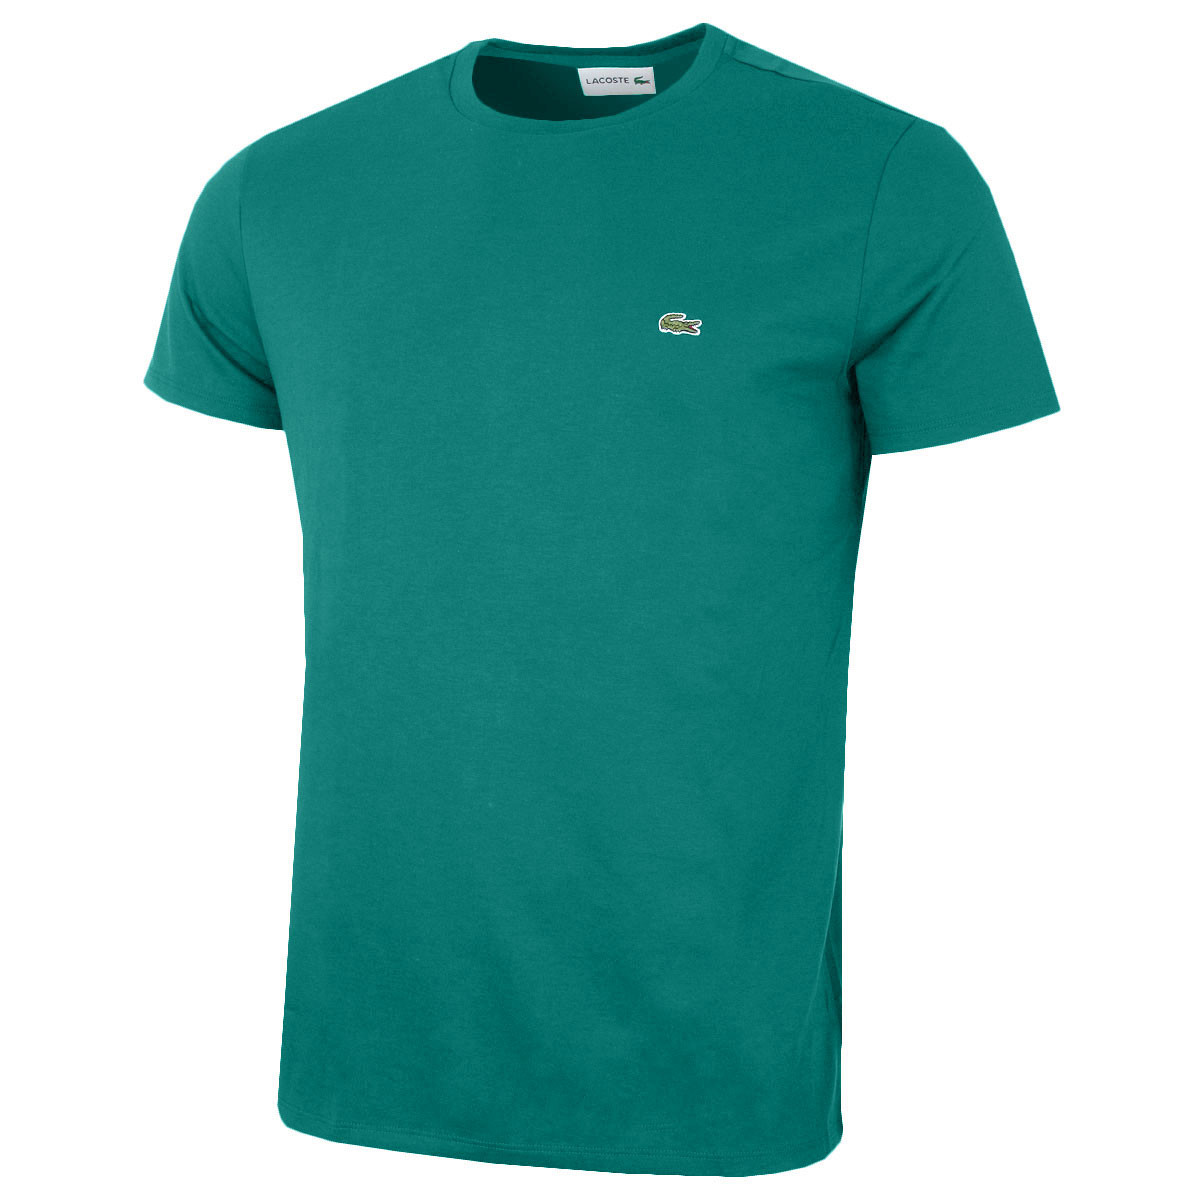 f623f91986da6 Lacoste Mens SS Crew Neck Pima Cotton T-Shirt